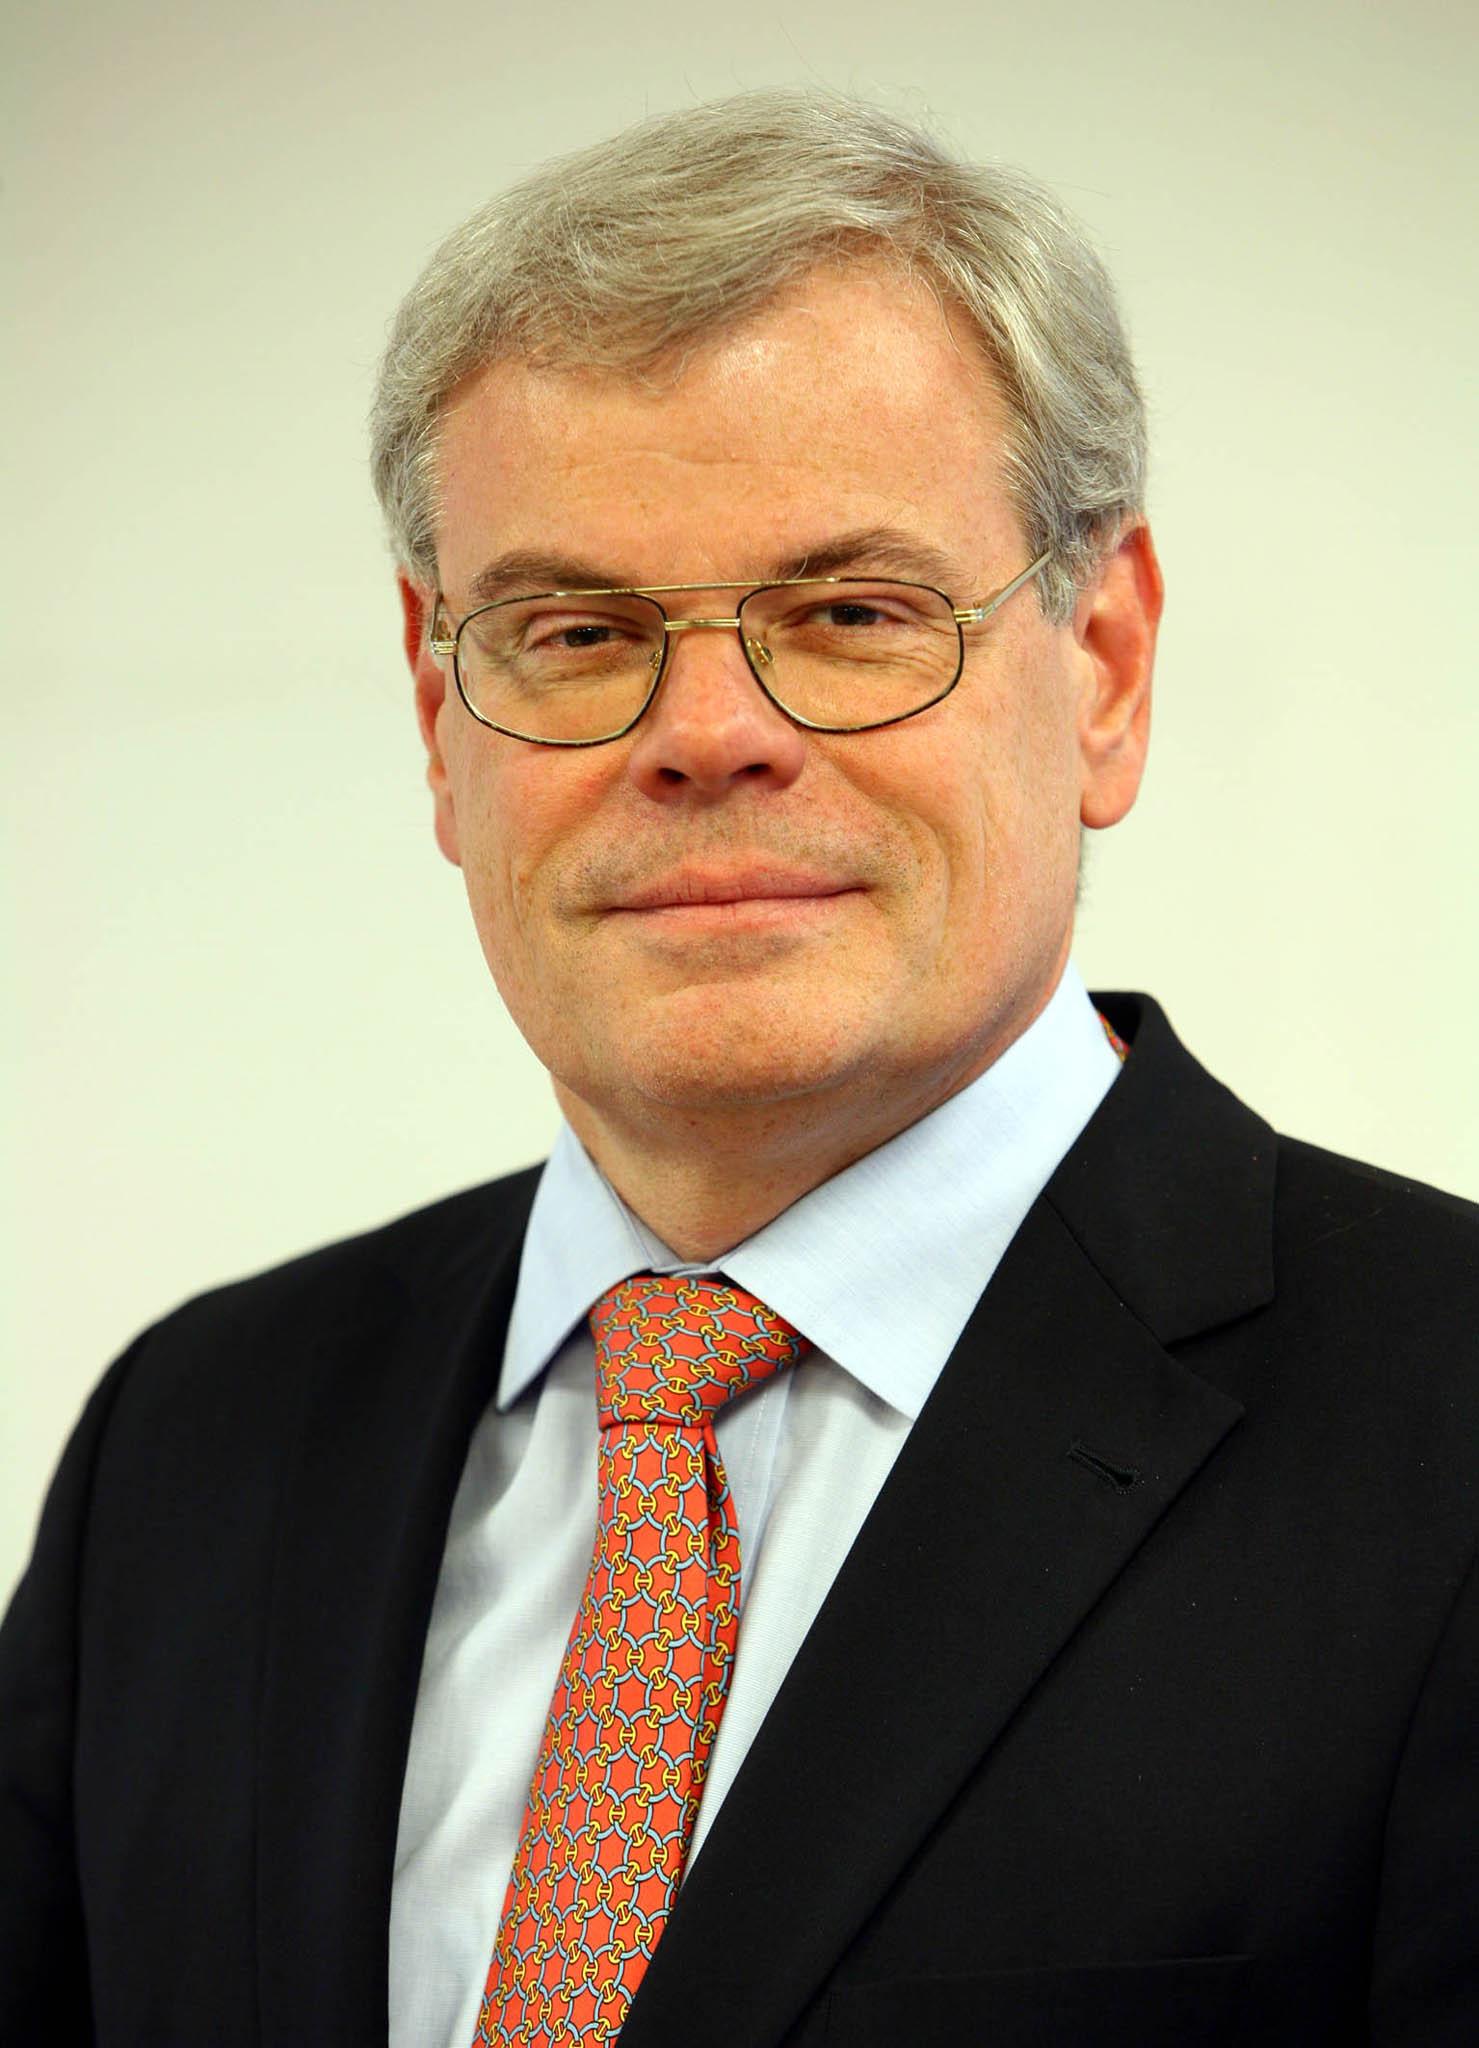 Helmut Heinen